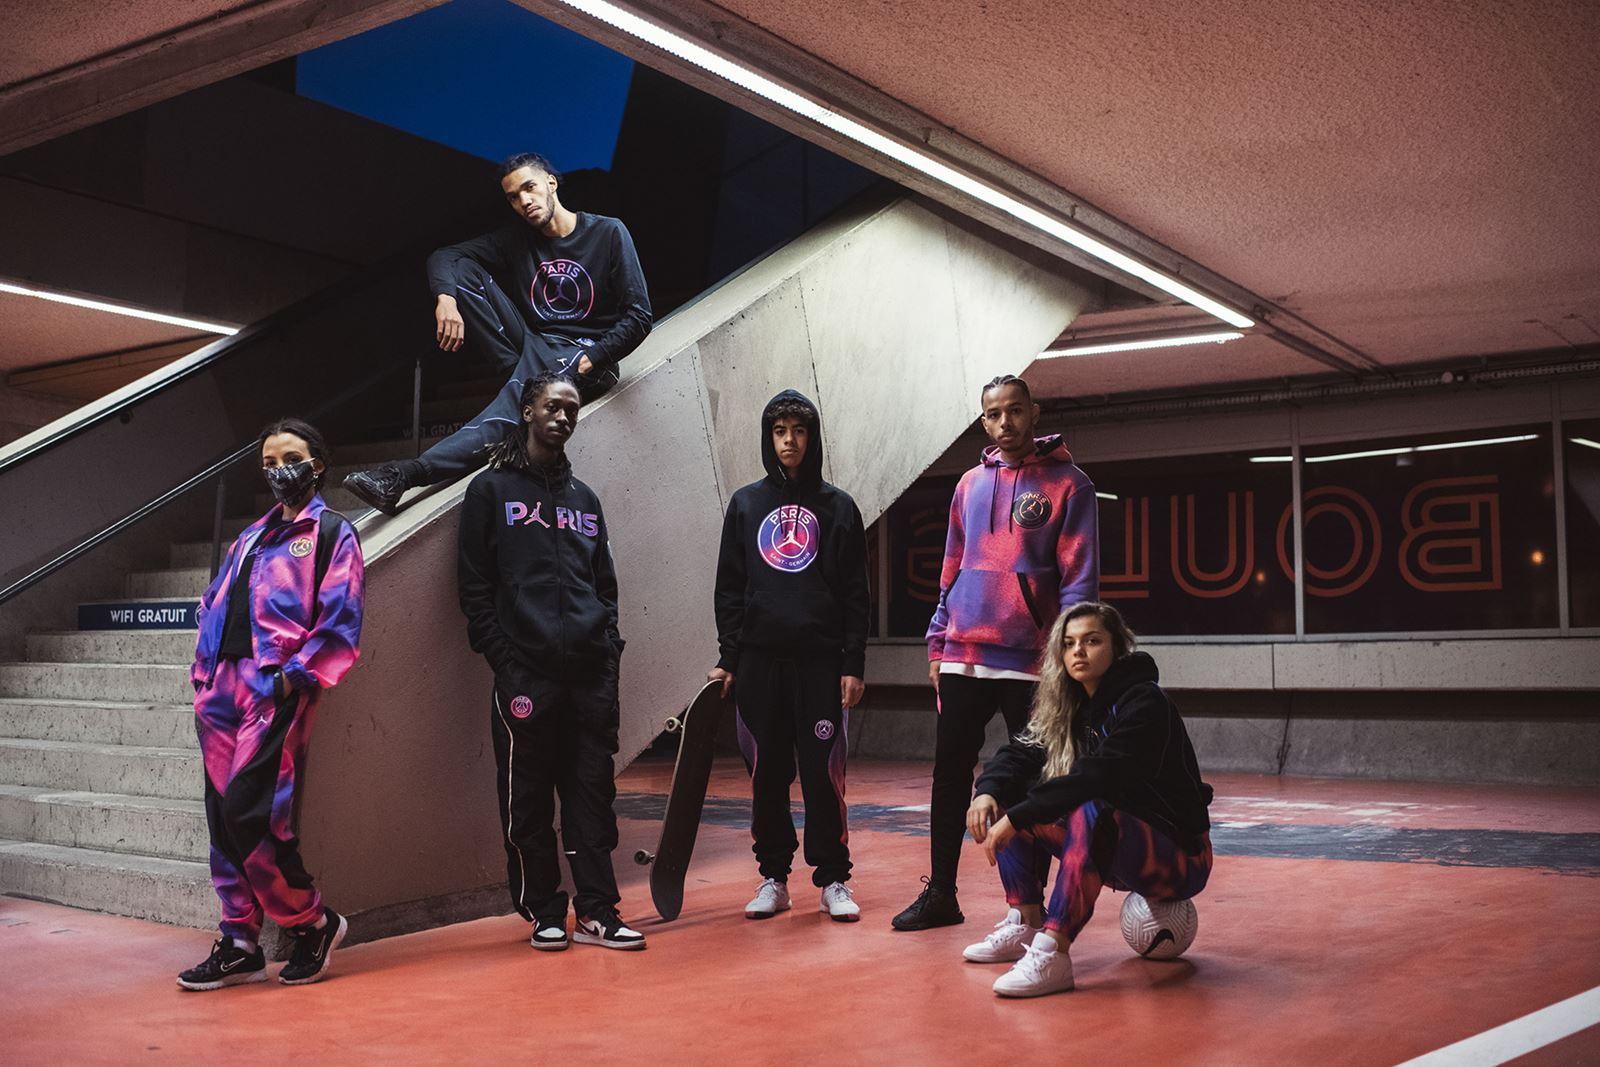 粉紫配!大巴黎发布最新一季AJ合作款服装及球鞋